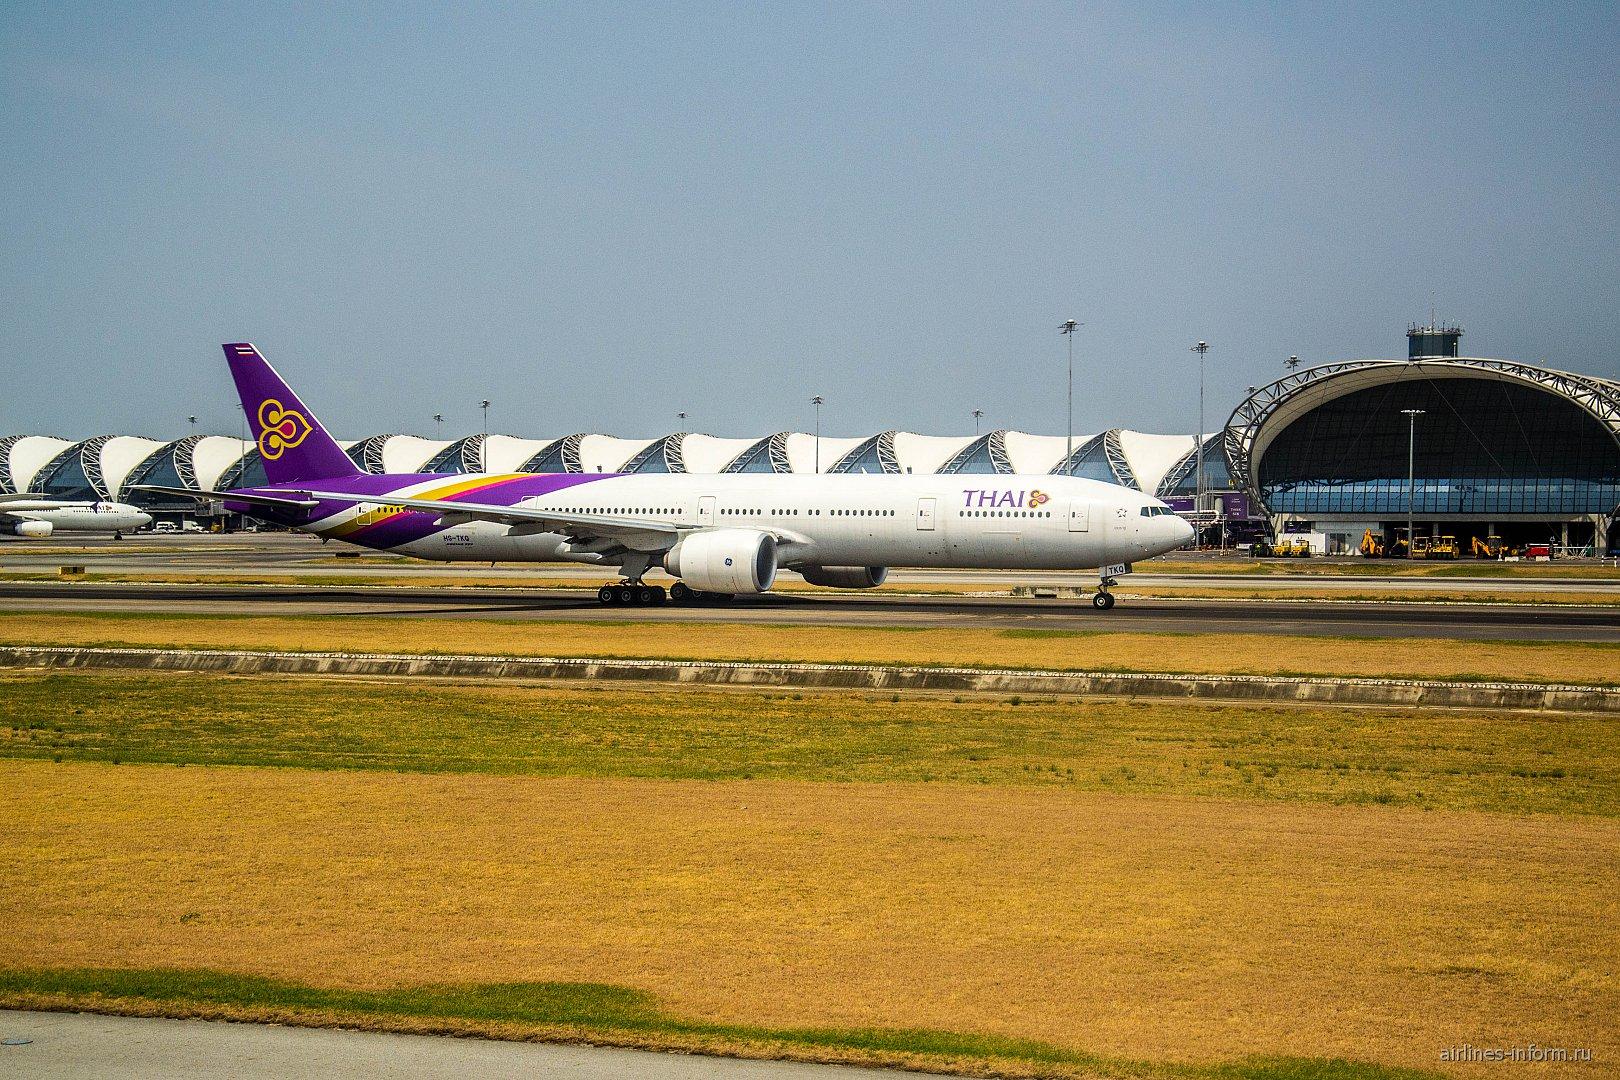 Боинг-777-300 Тайских авиалиний взлетает в аэропорту Бангкока